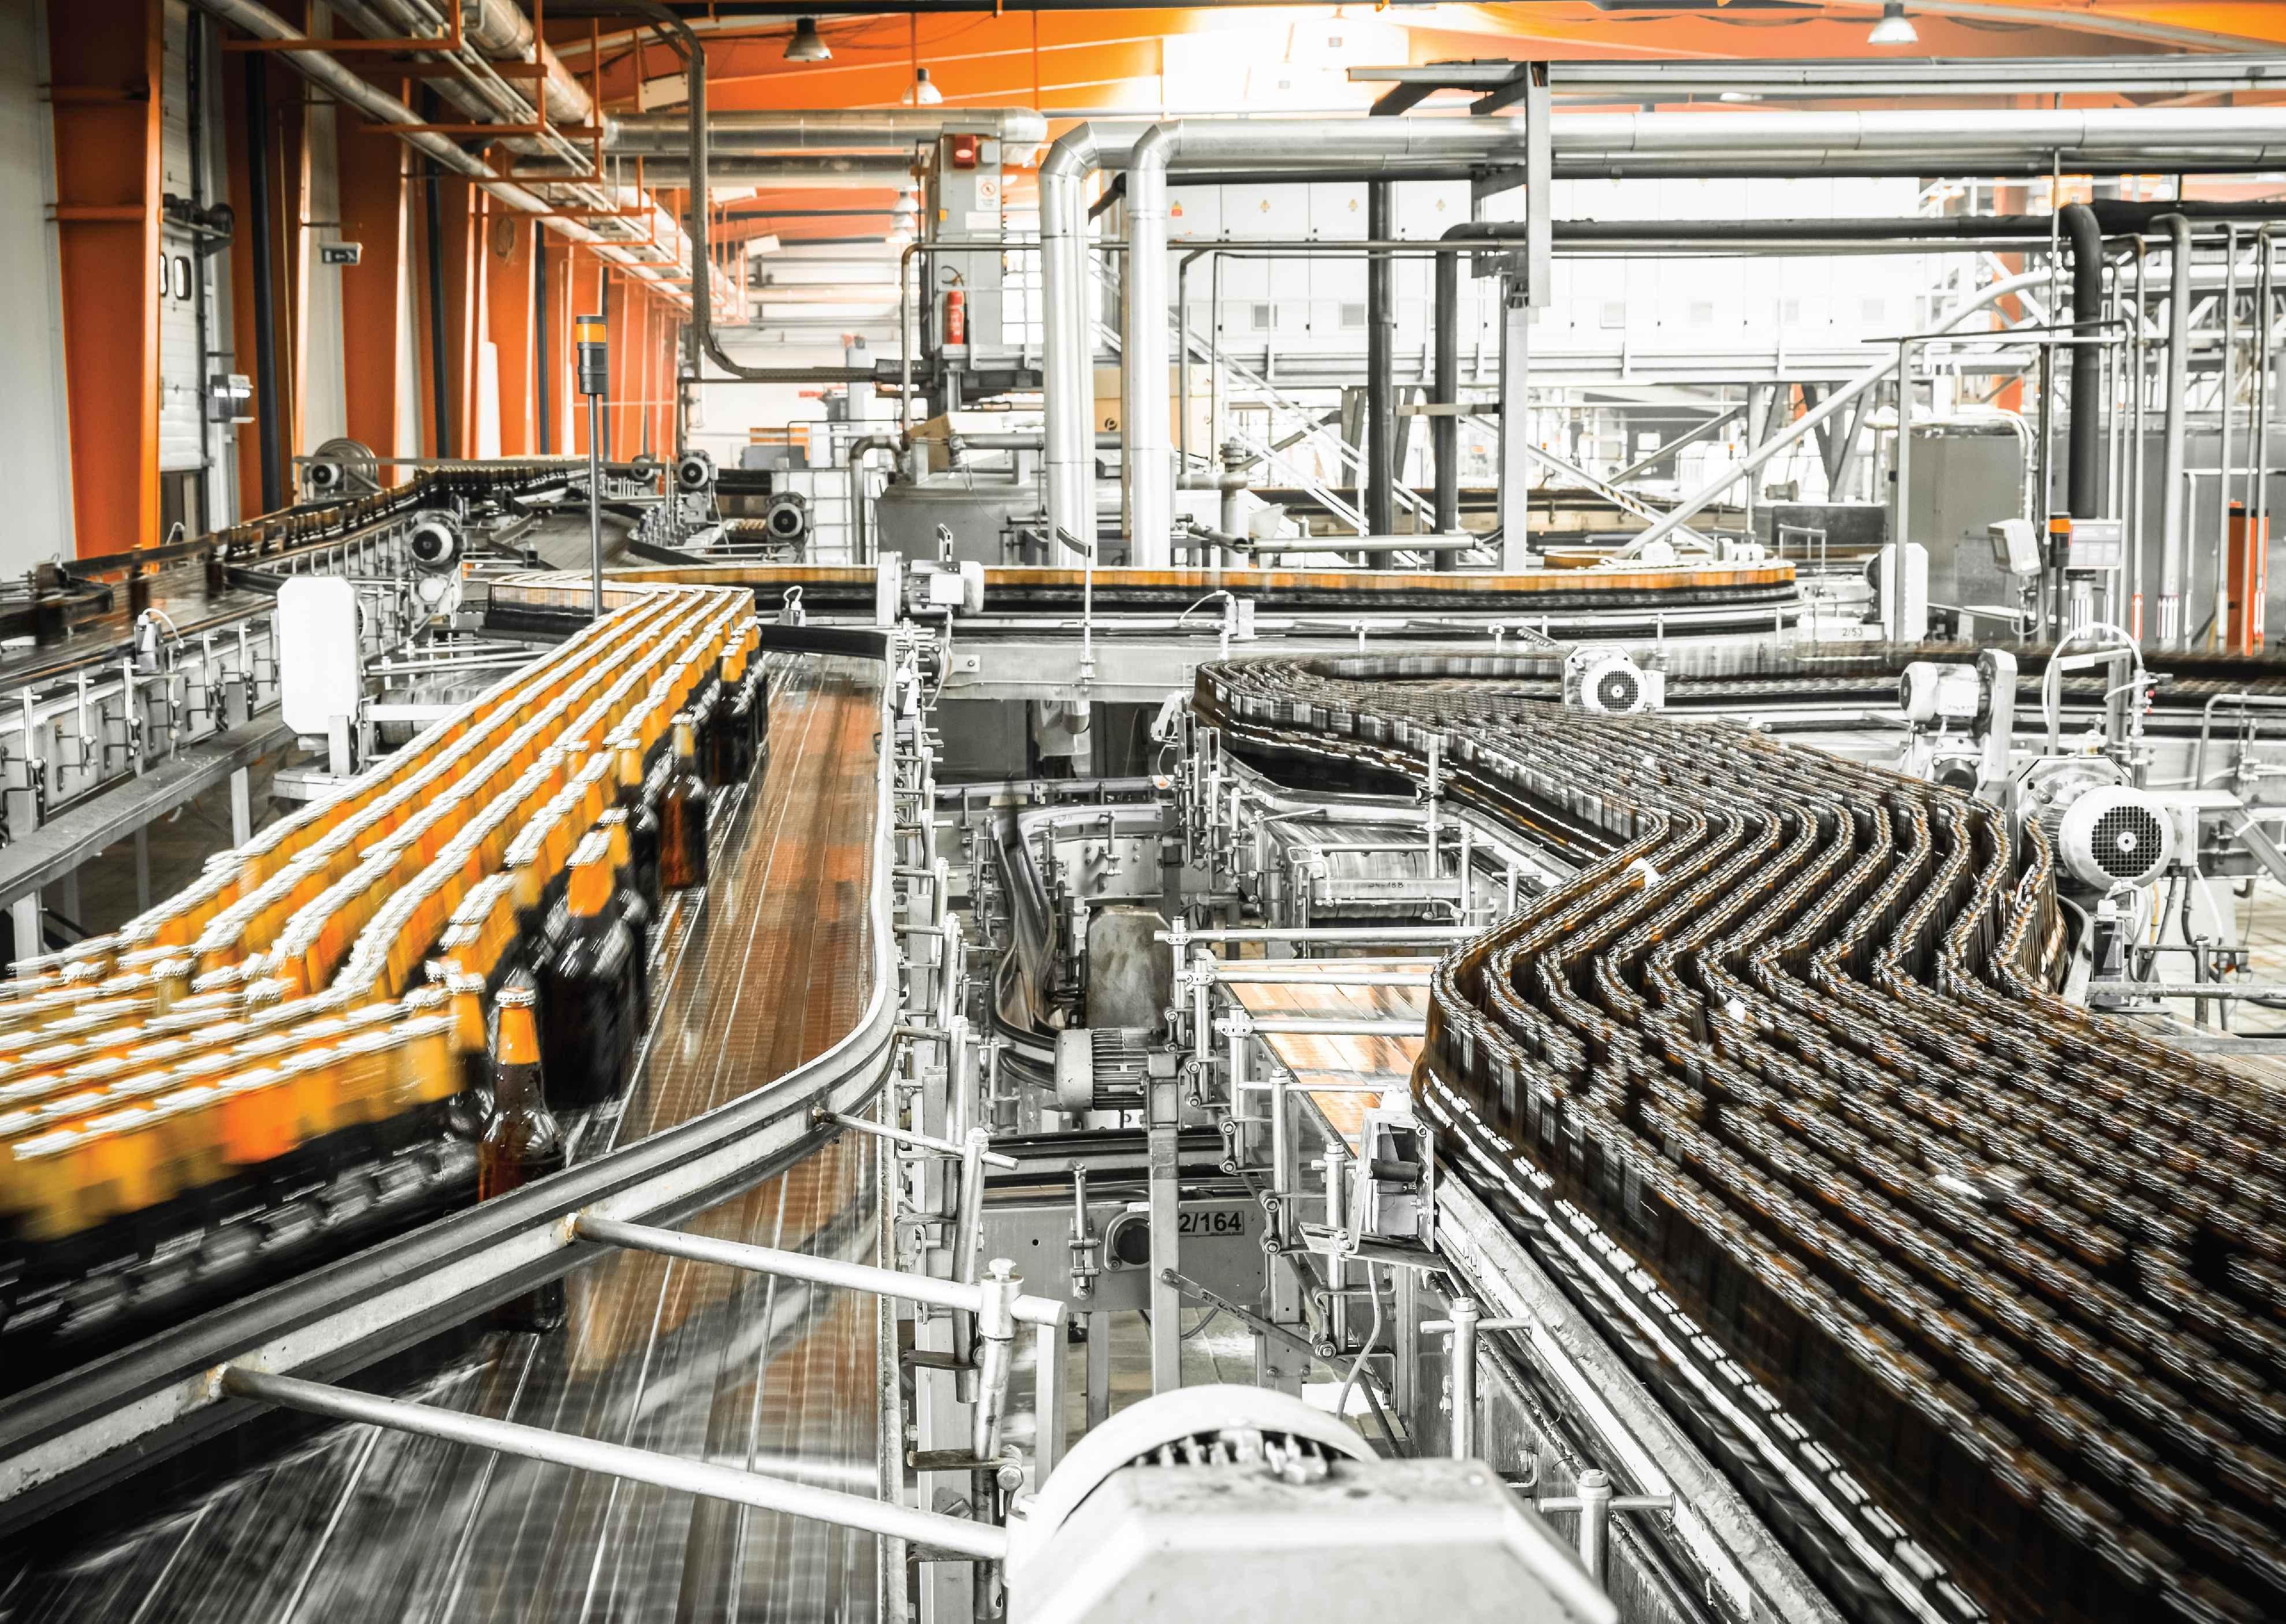 Texcan - Industries - Manufacturing & OEM - Food and Beverage.jpg